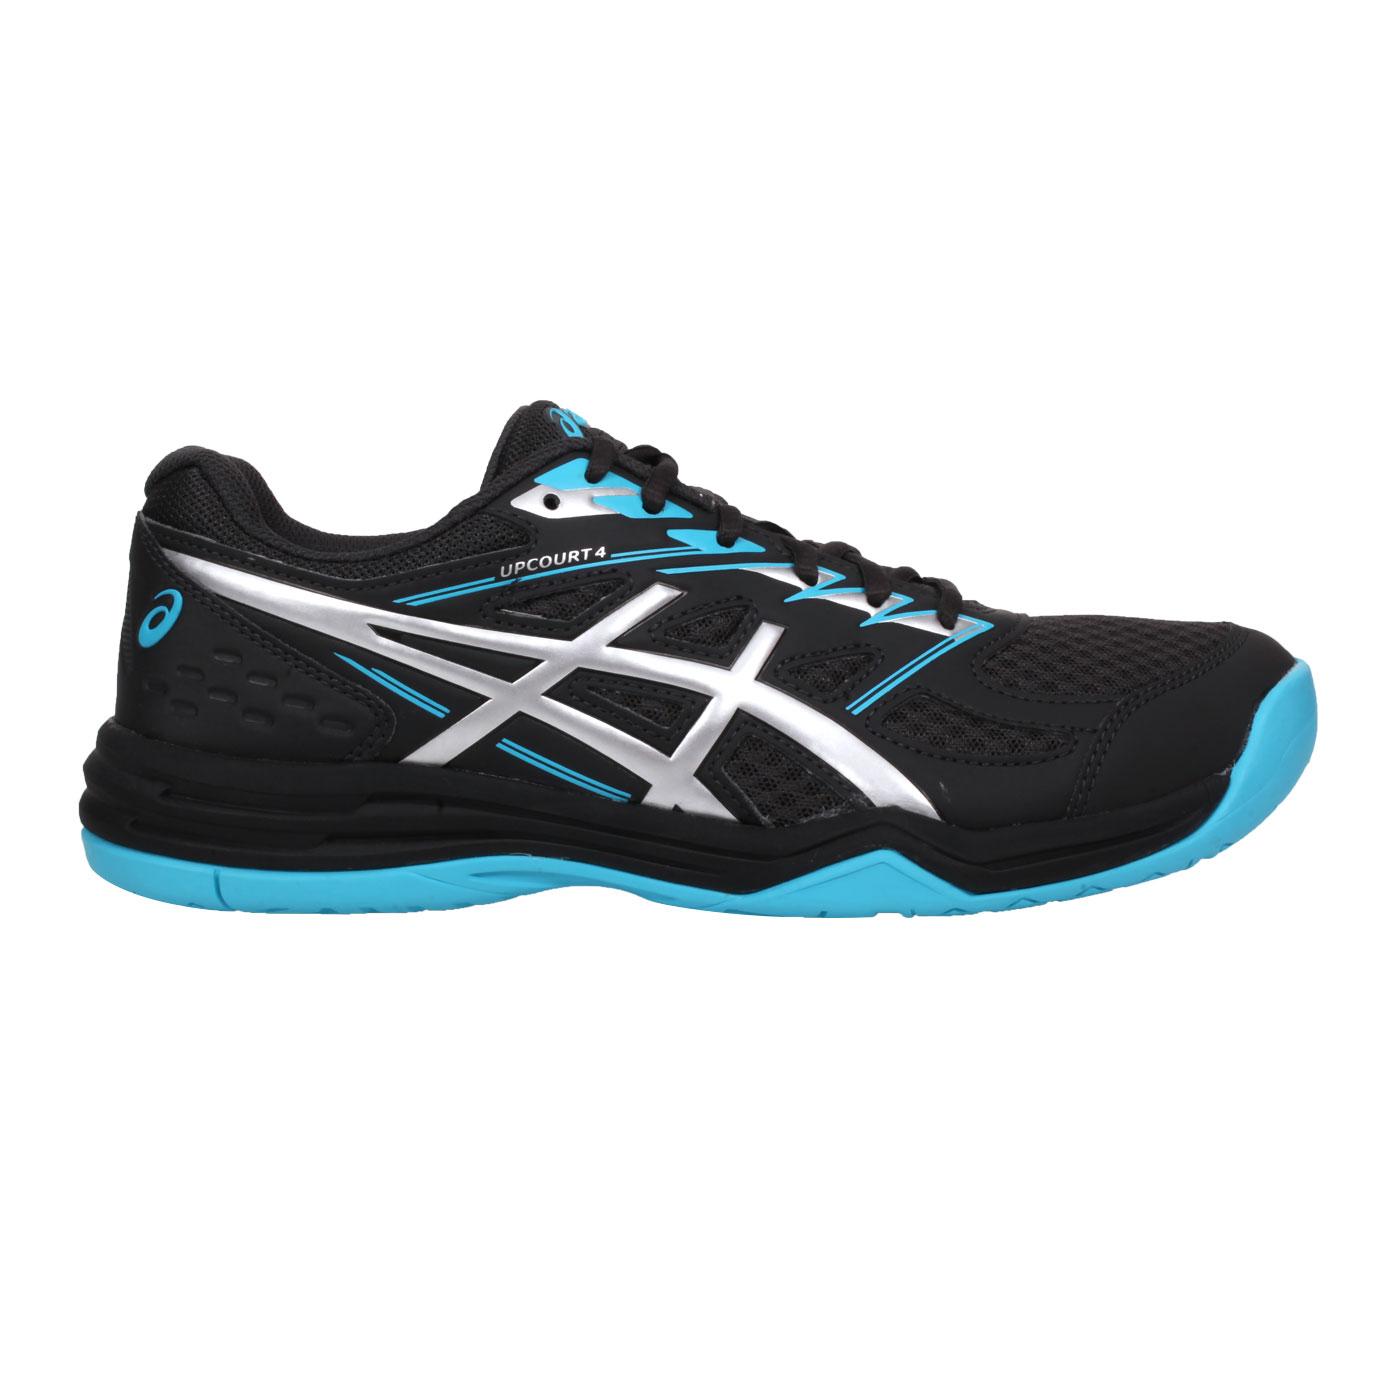 ASICS 男款排羽球鞋  @UPCOURT 4@1071A053-020 - 黑藍銀